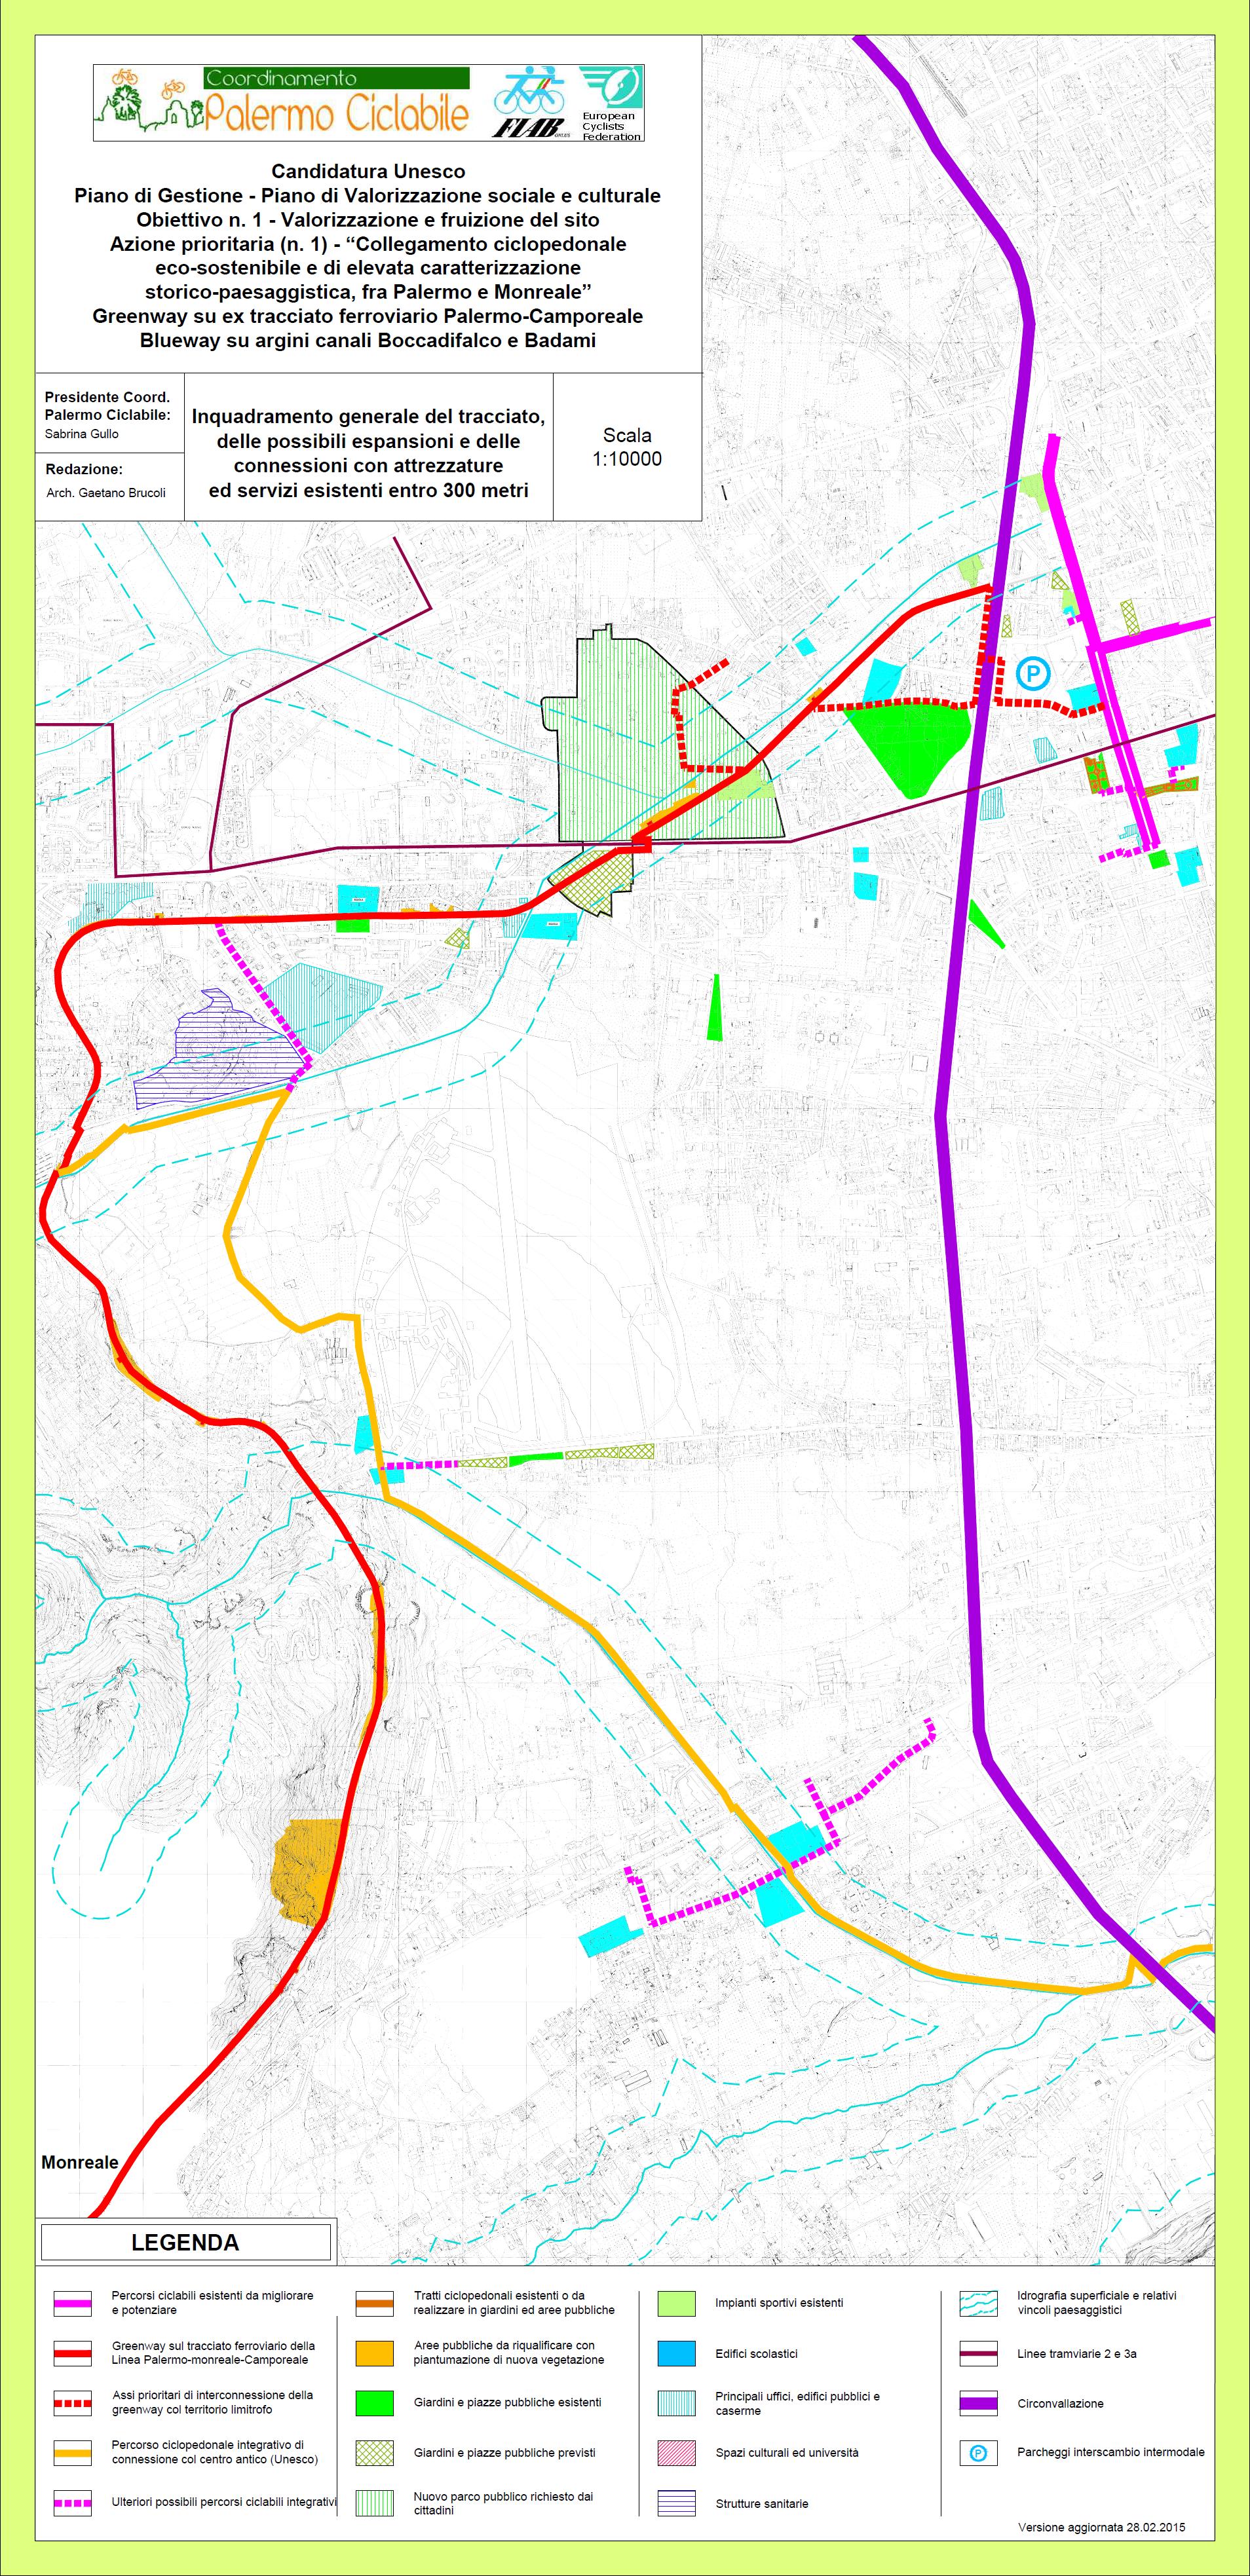 Unesco - Greenwau-blueway aggiornamento 28.02.2015